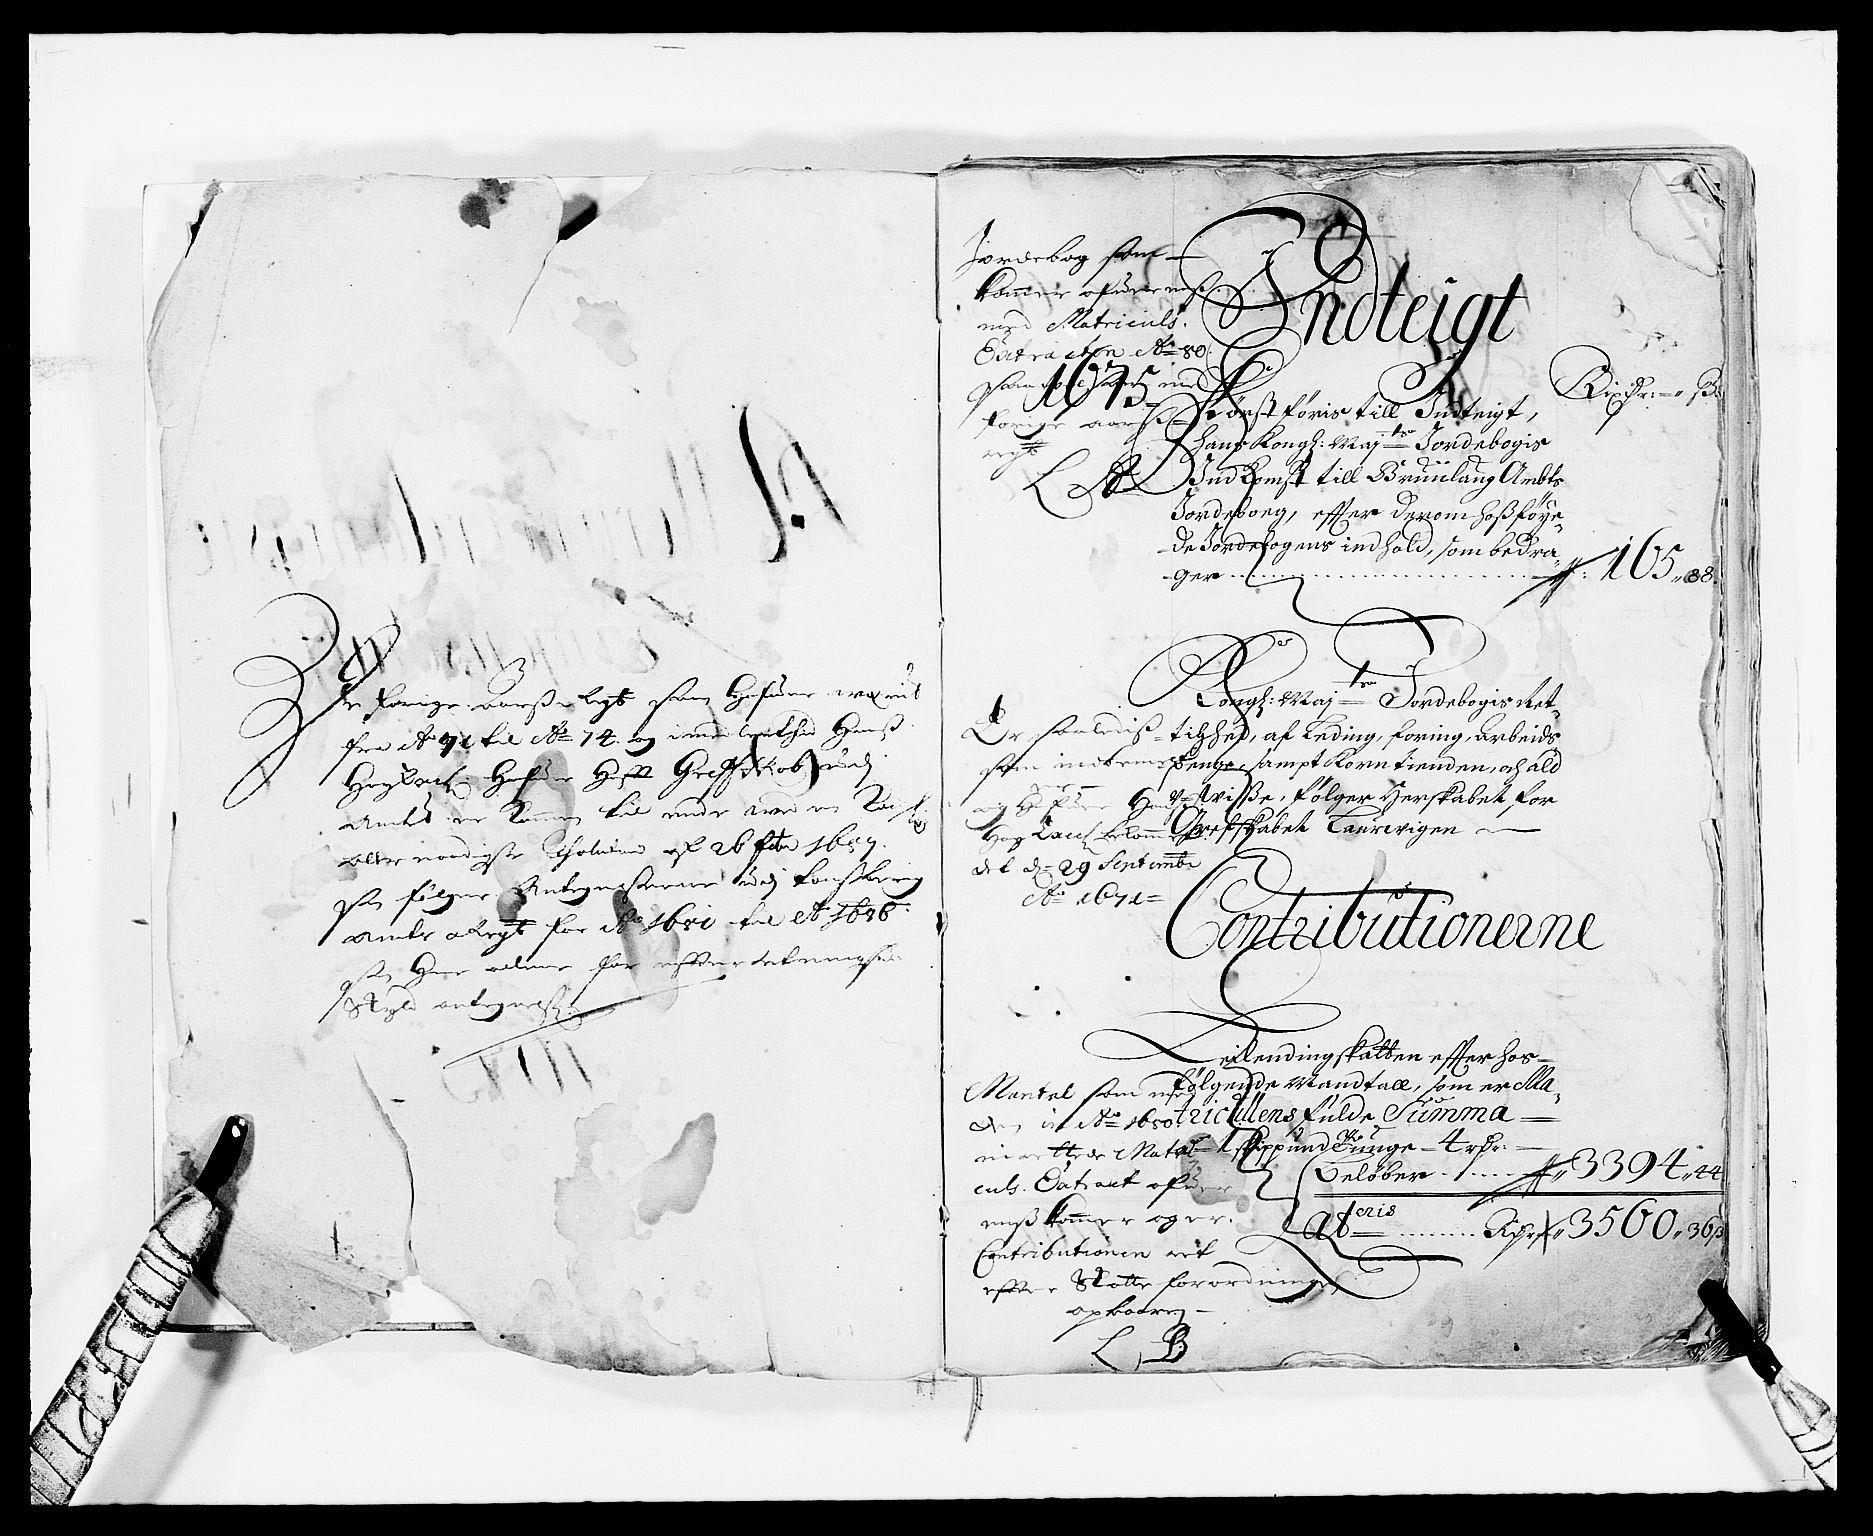 RA, Rentekammeret inntil 1814, Reviderte regnskaper, Fogderegnskap, R33/L1967: Fogderegnskap Larvik grevskap, 1675-1687, s. 2